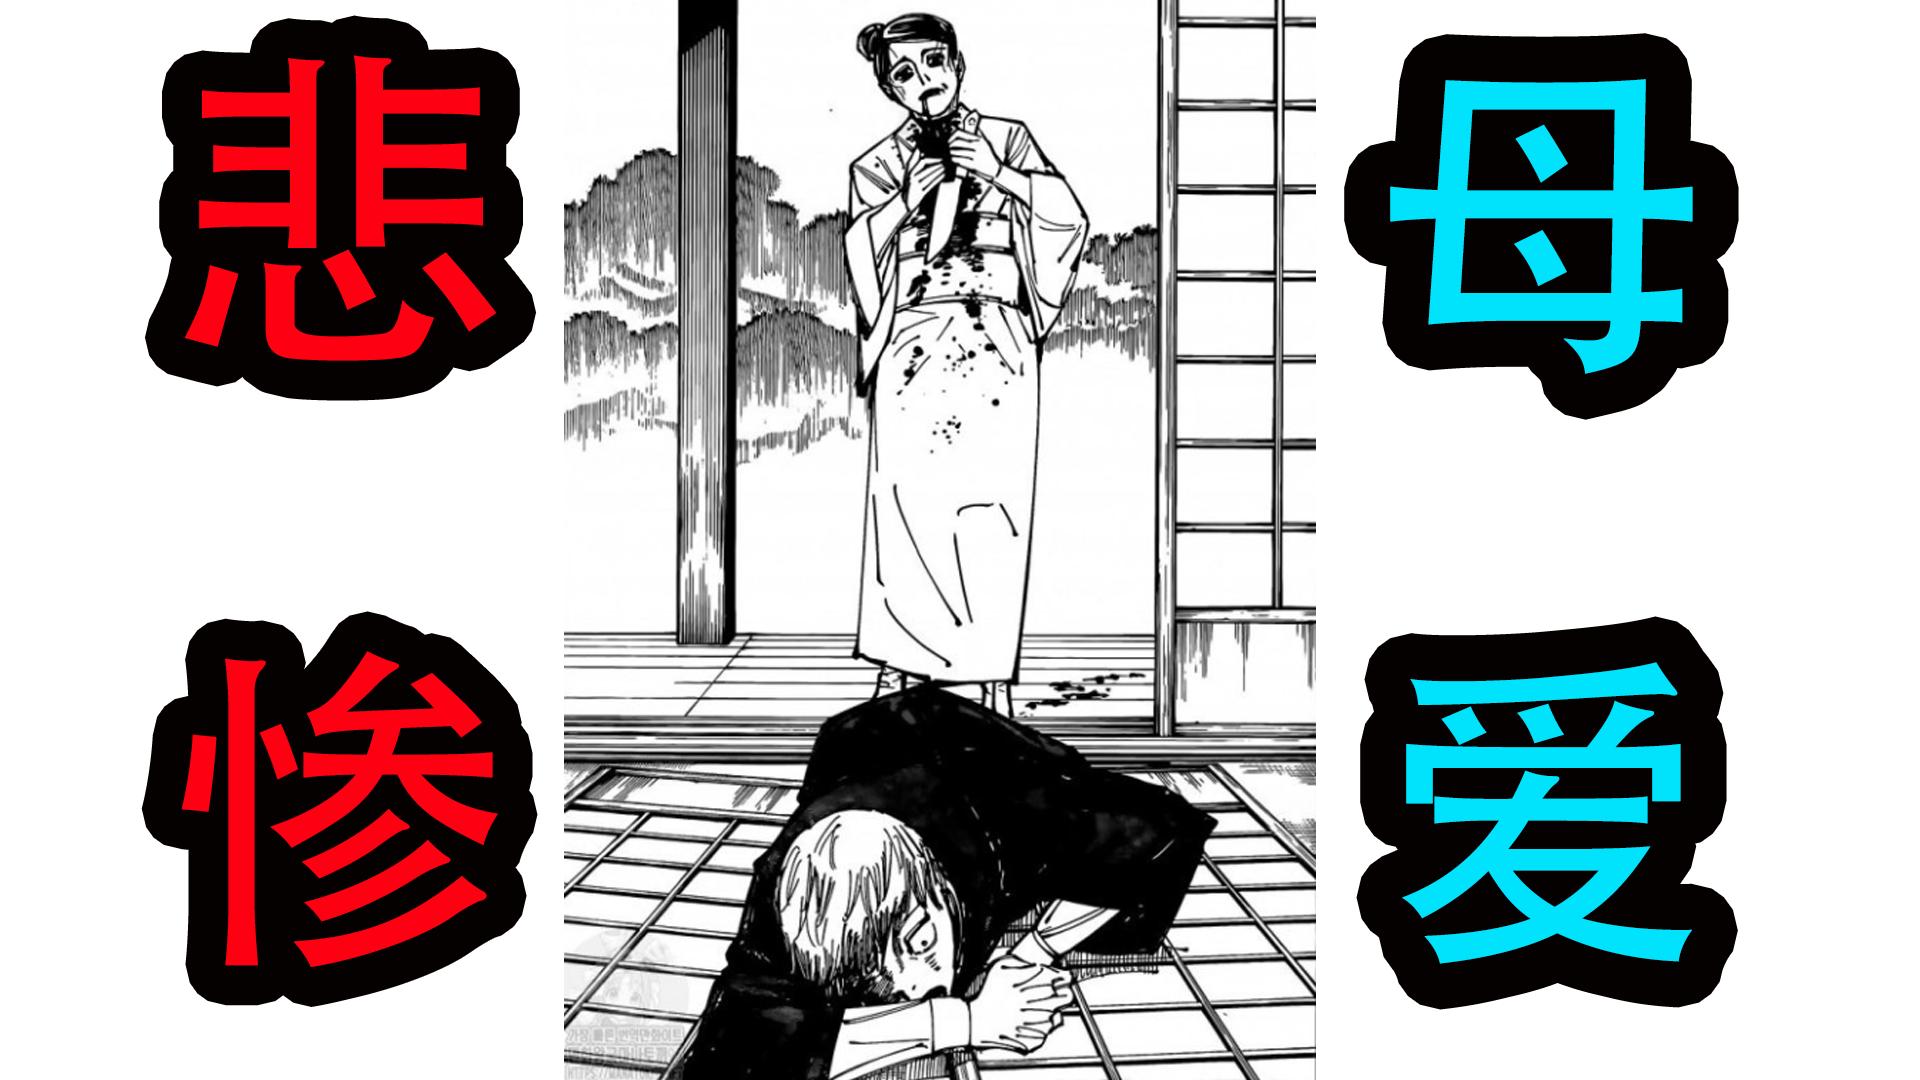 咒术回战152,真希妈妈的悲惨人生!